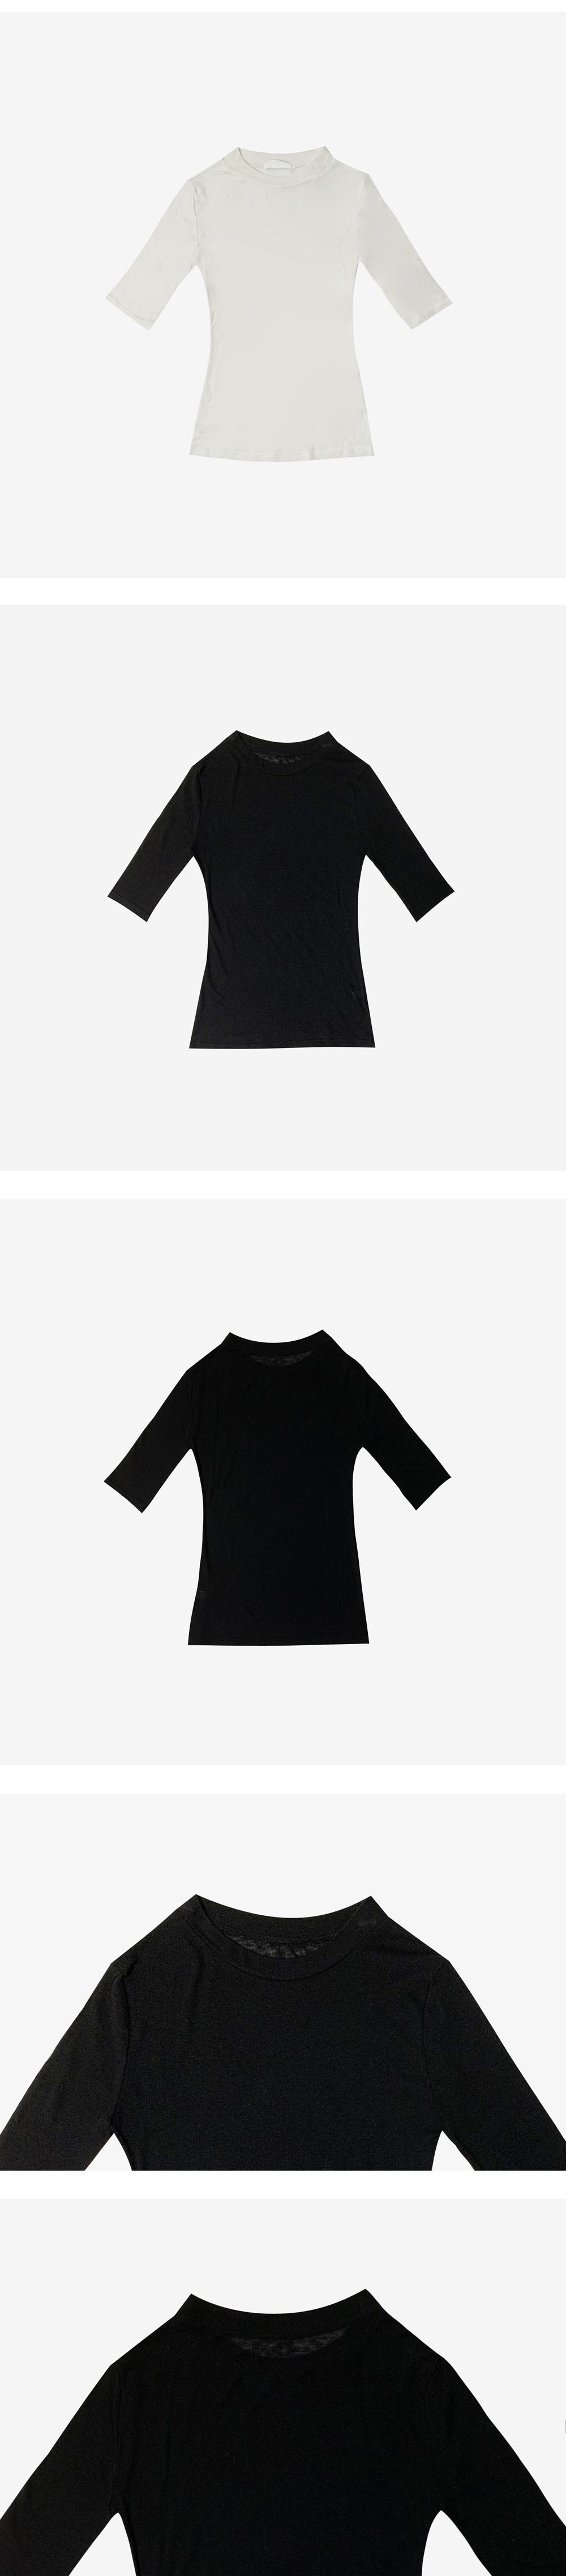 Barna half t-shirt